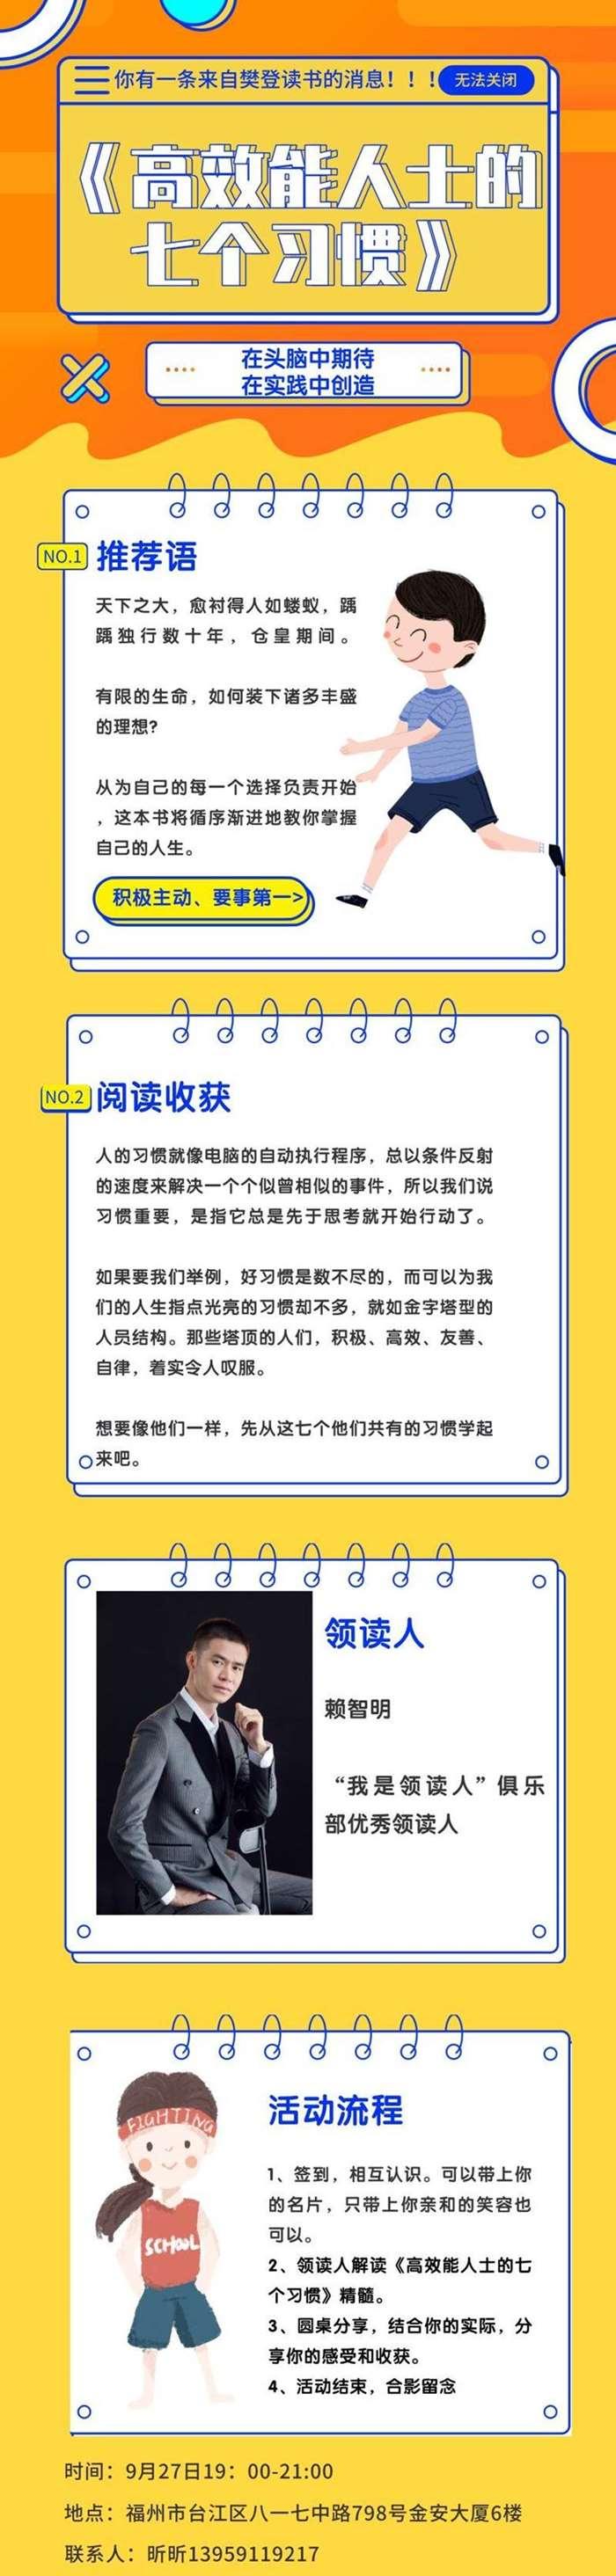 赖智明_自定义px_2019.09.20.png